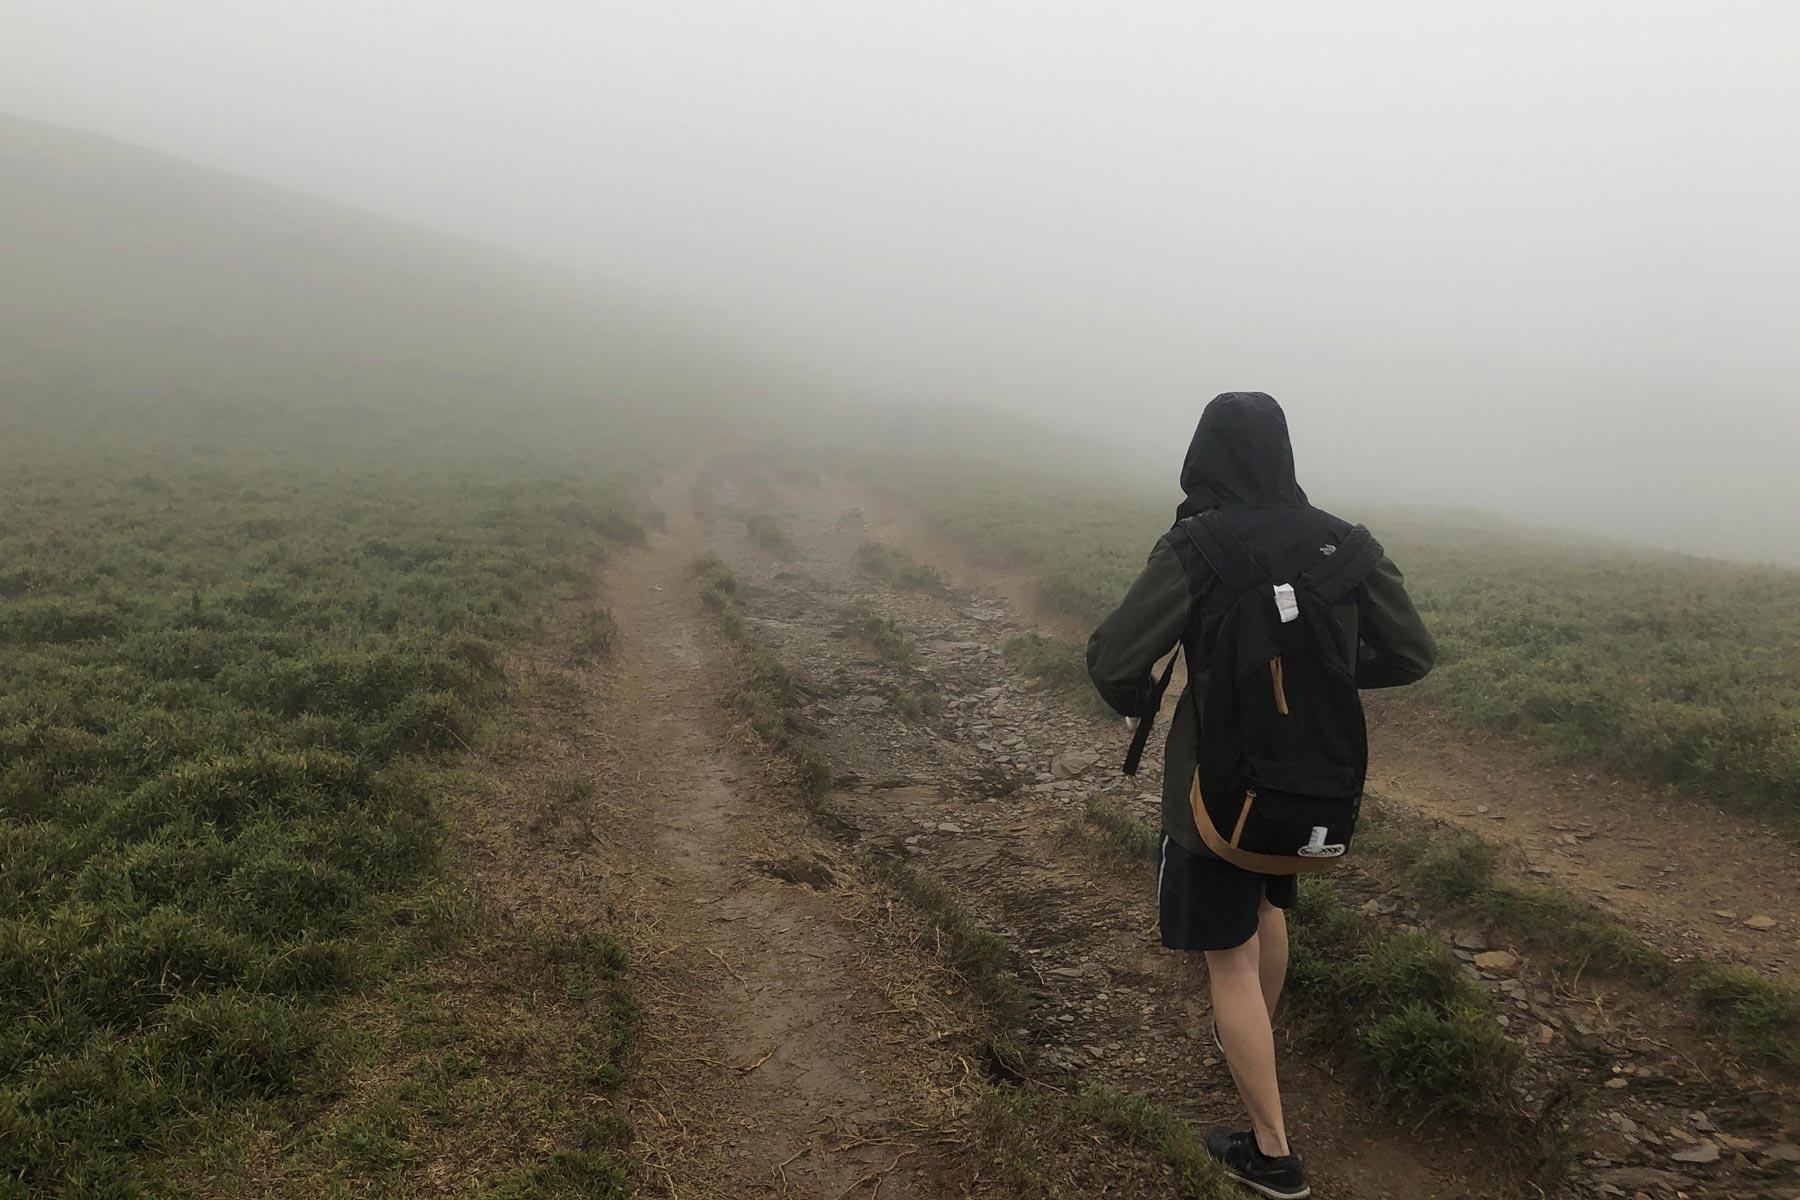 a hike in the fog